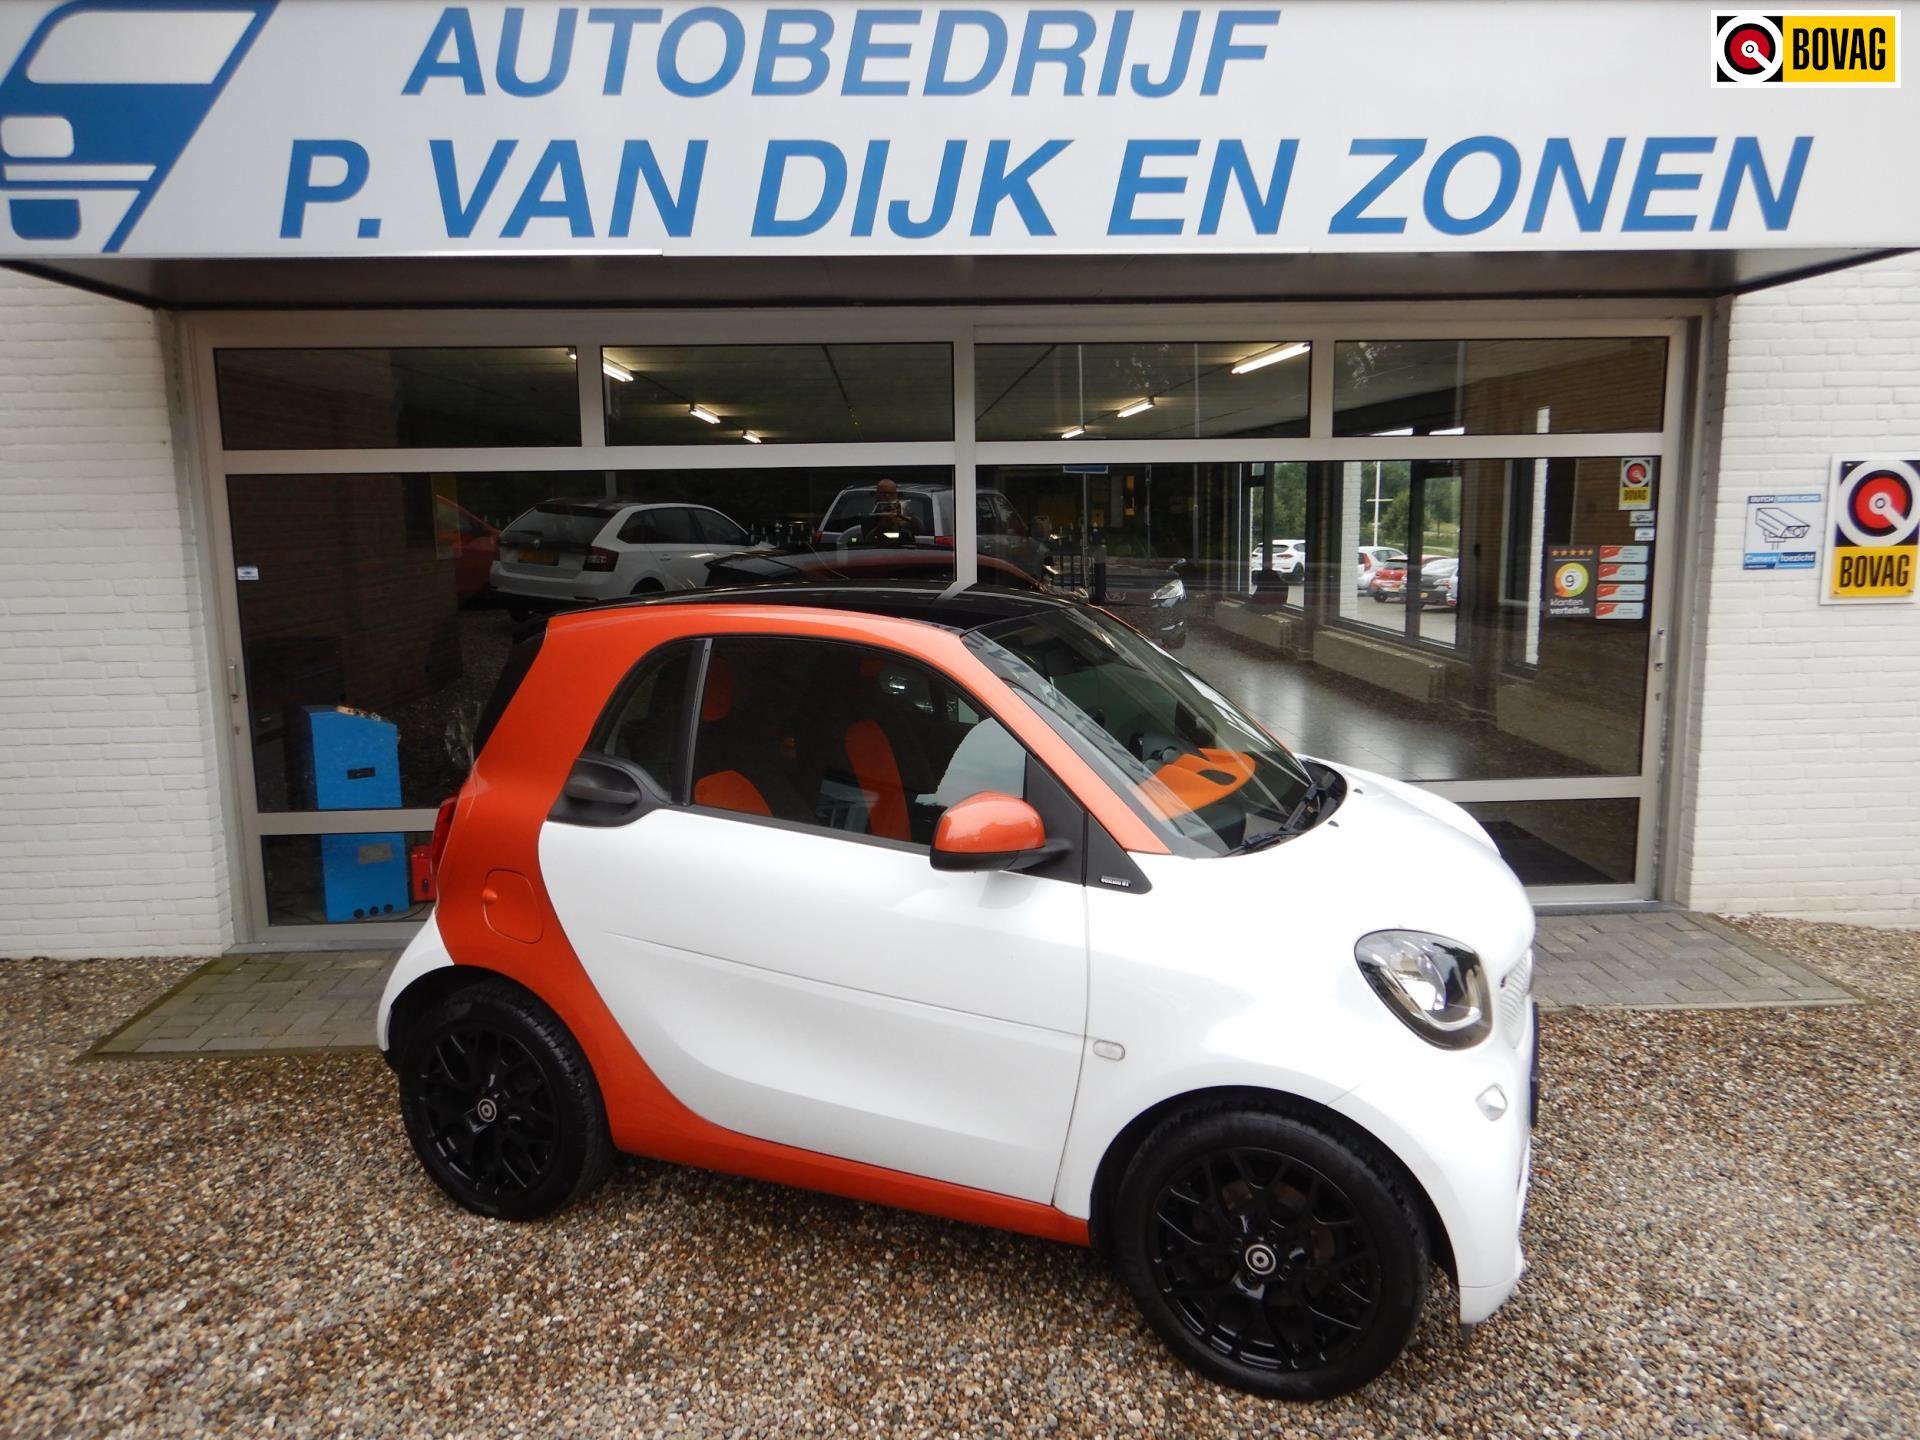 Smart Fortwo occasion - Autobedrijf P. van Dijk en Zonen